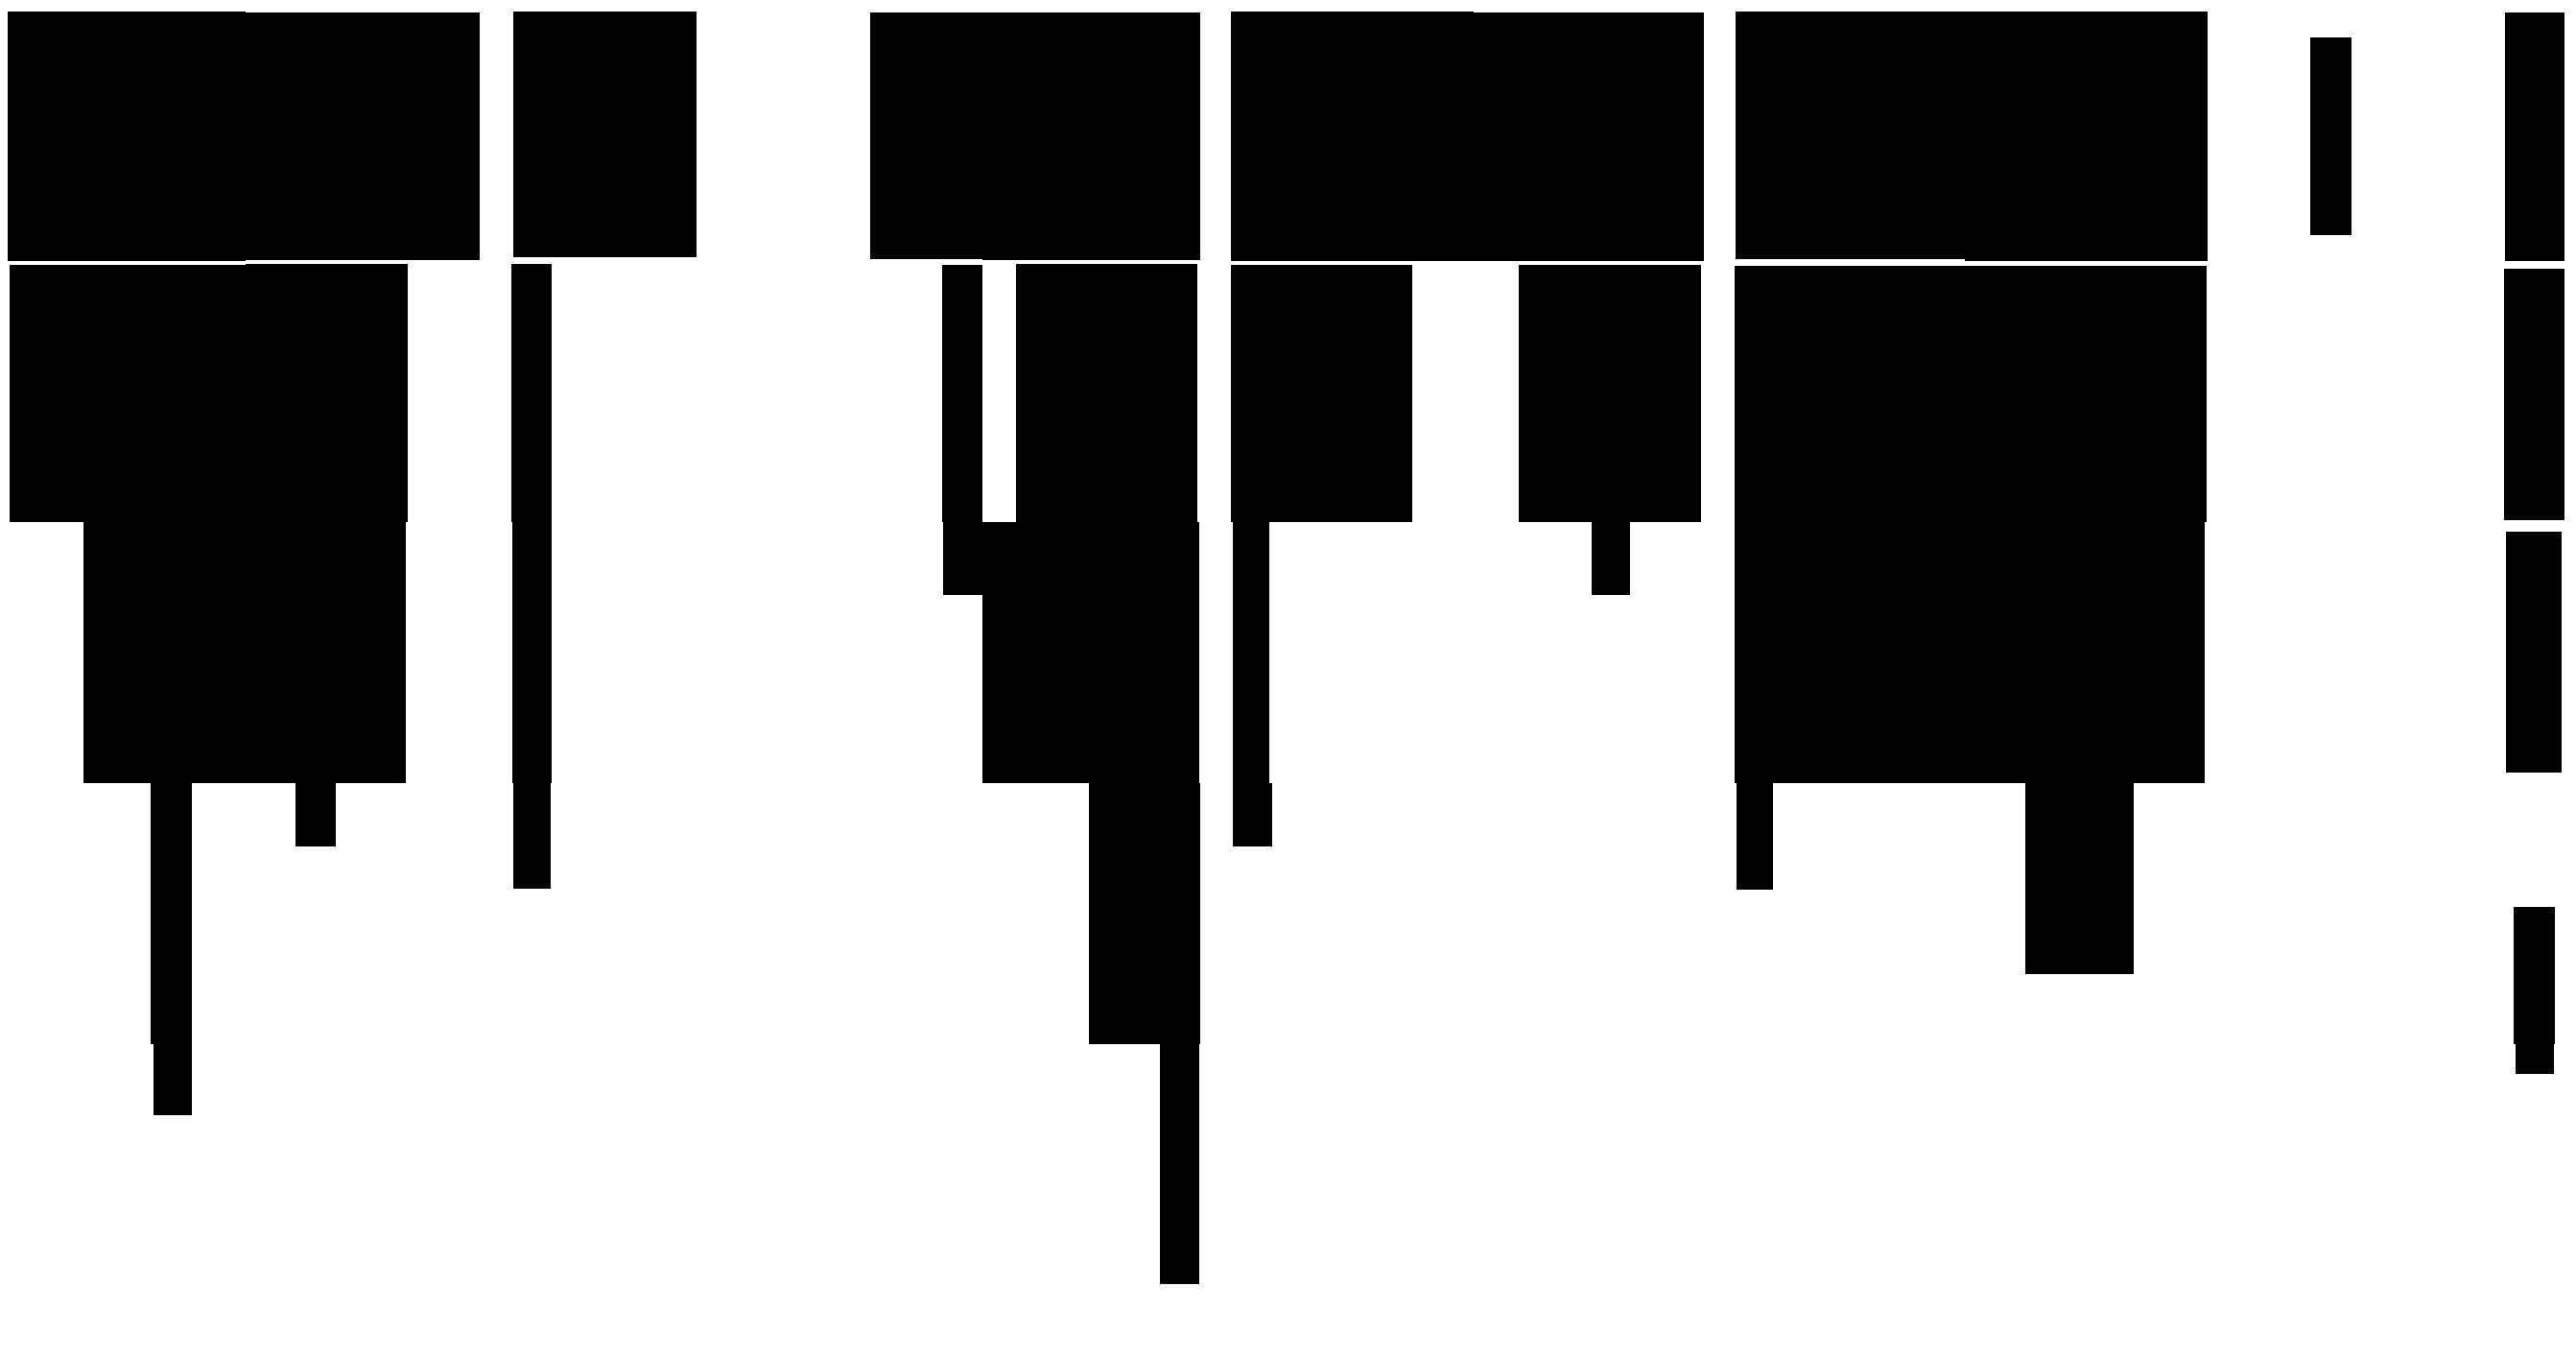 鈴木詩130830-1